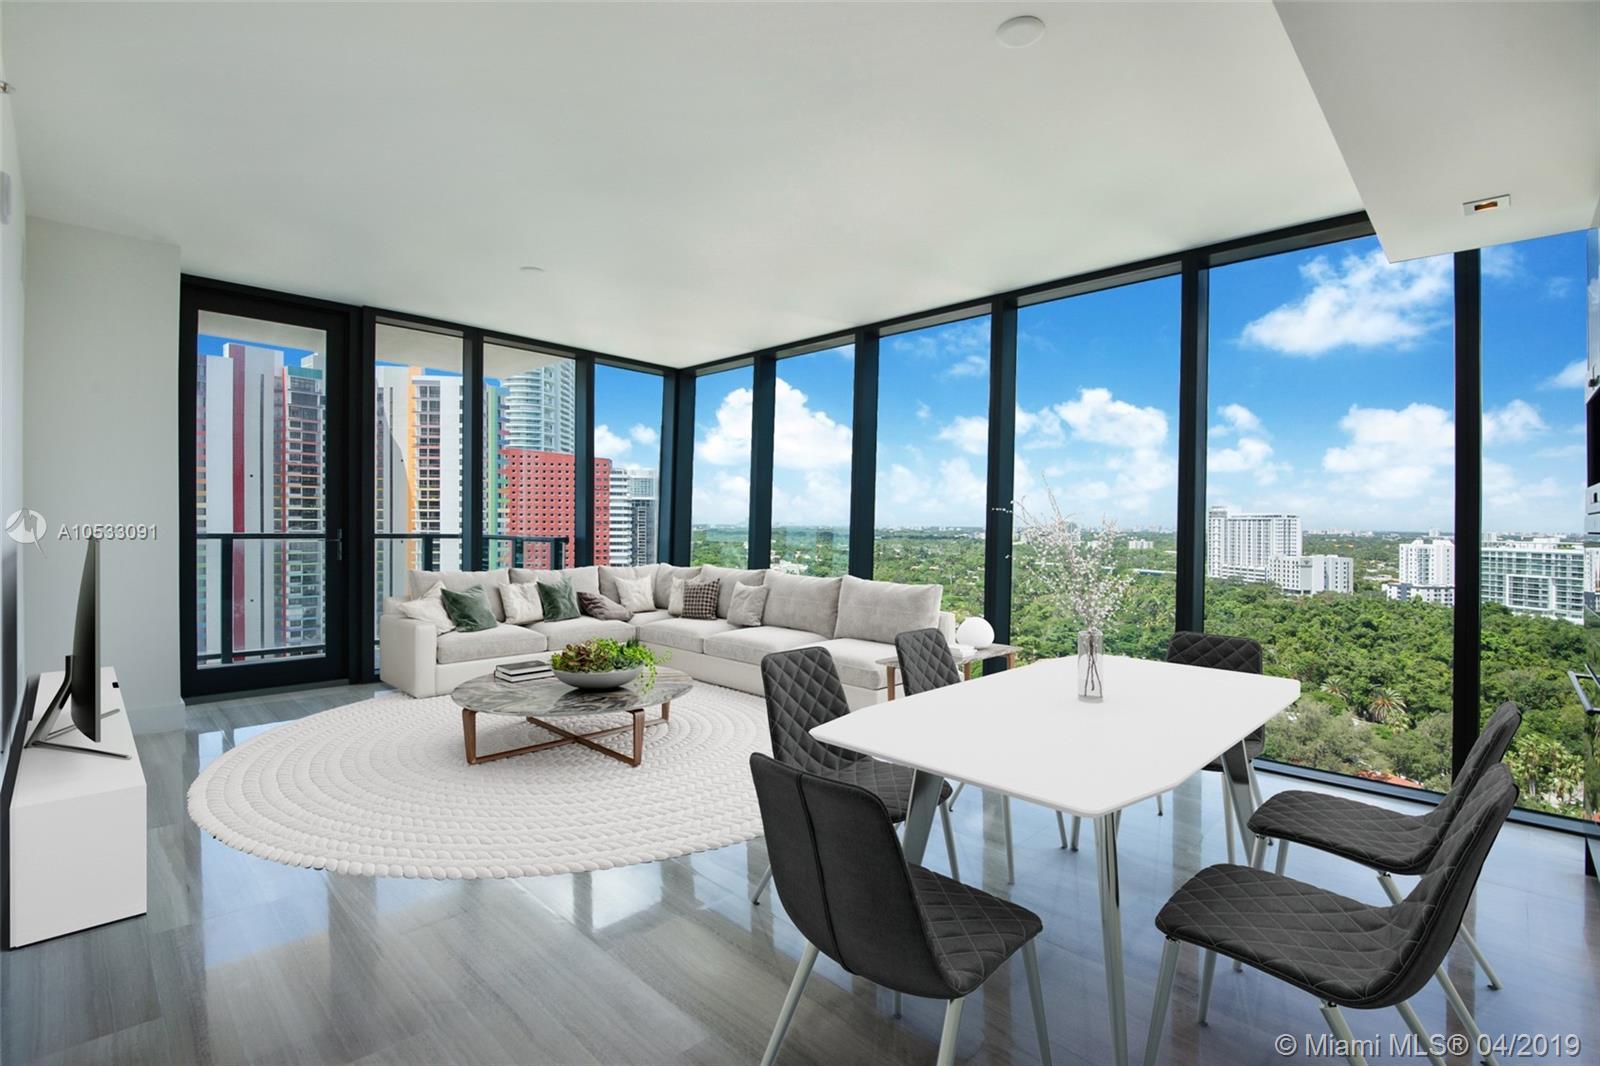 1451 Brickell Avenue, Miami, FL 33131, Echo Brickell #1704, Brickell, Miami A10533091 image #1